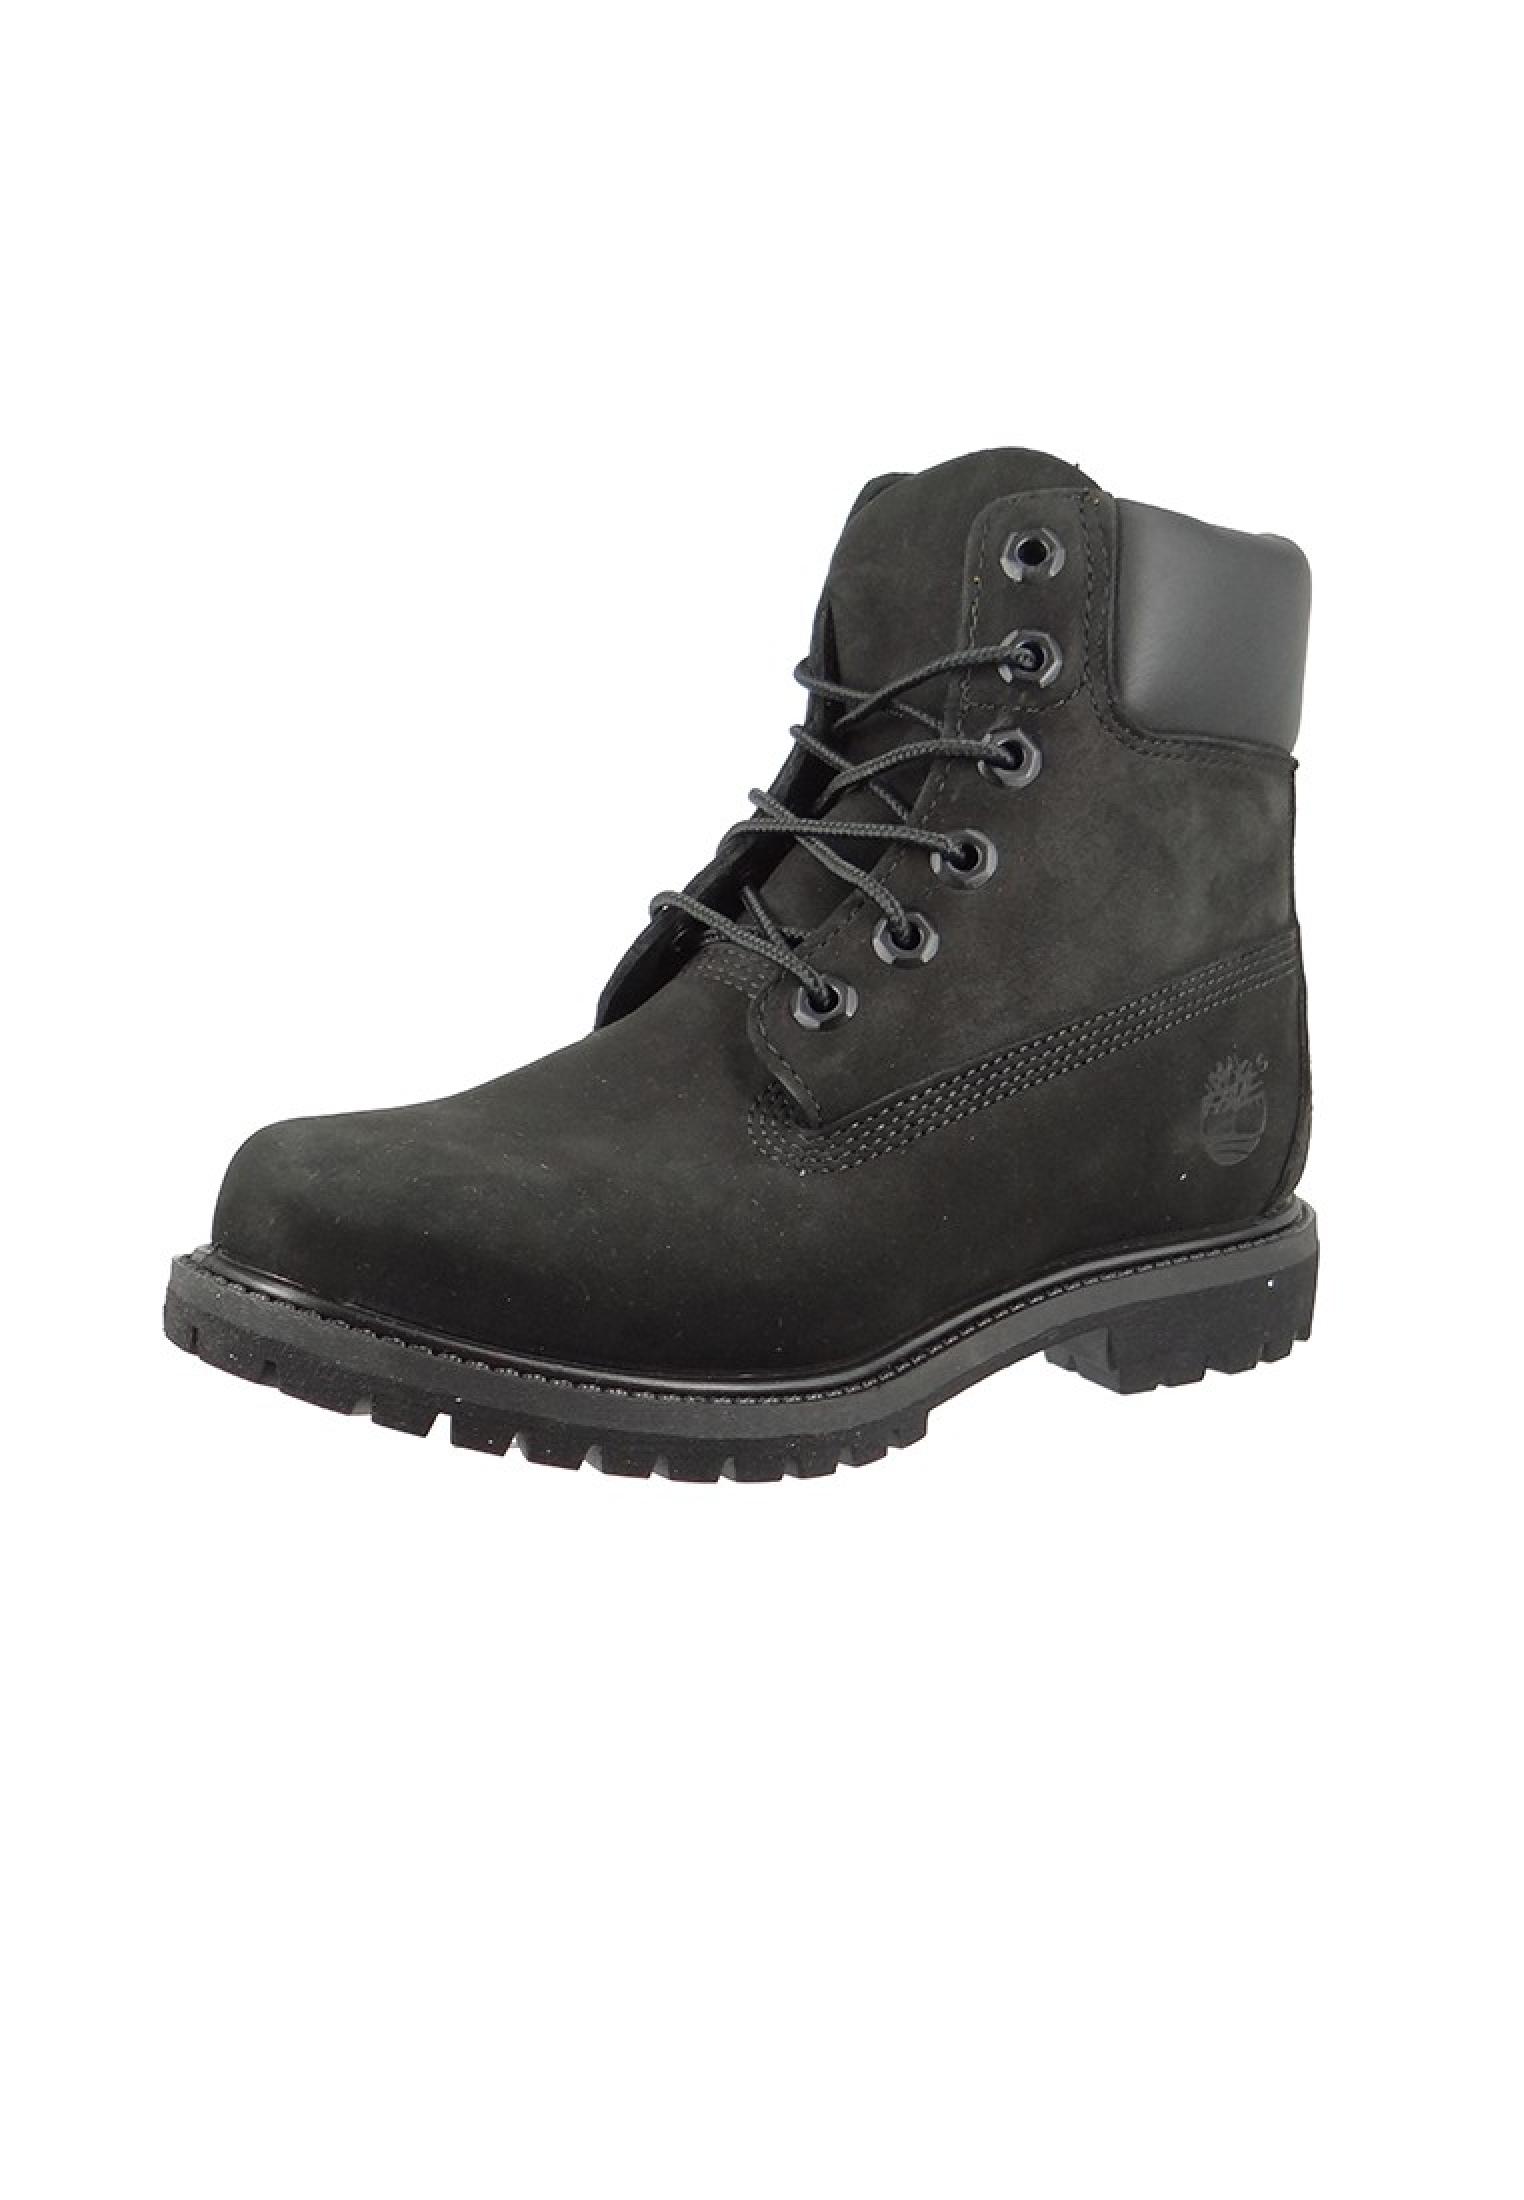 timberland damen stiefel 6 inch premium boot leder black. Black Bedroom Furniture Sets. Home Design Ideas